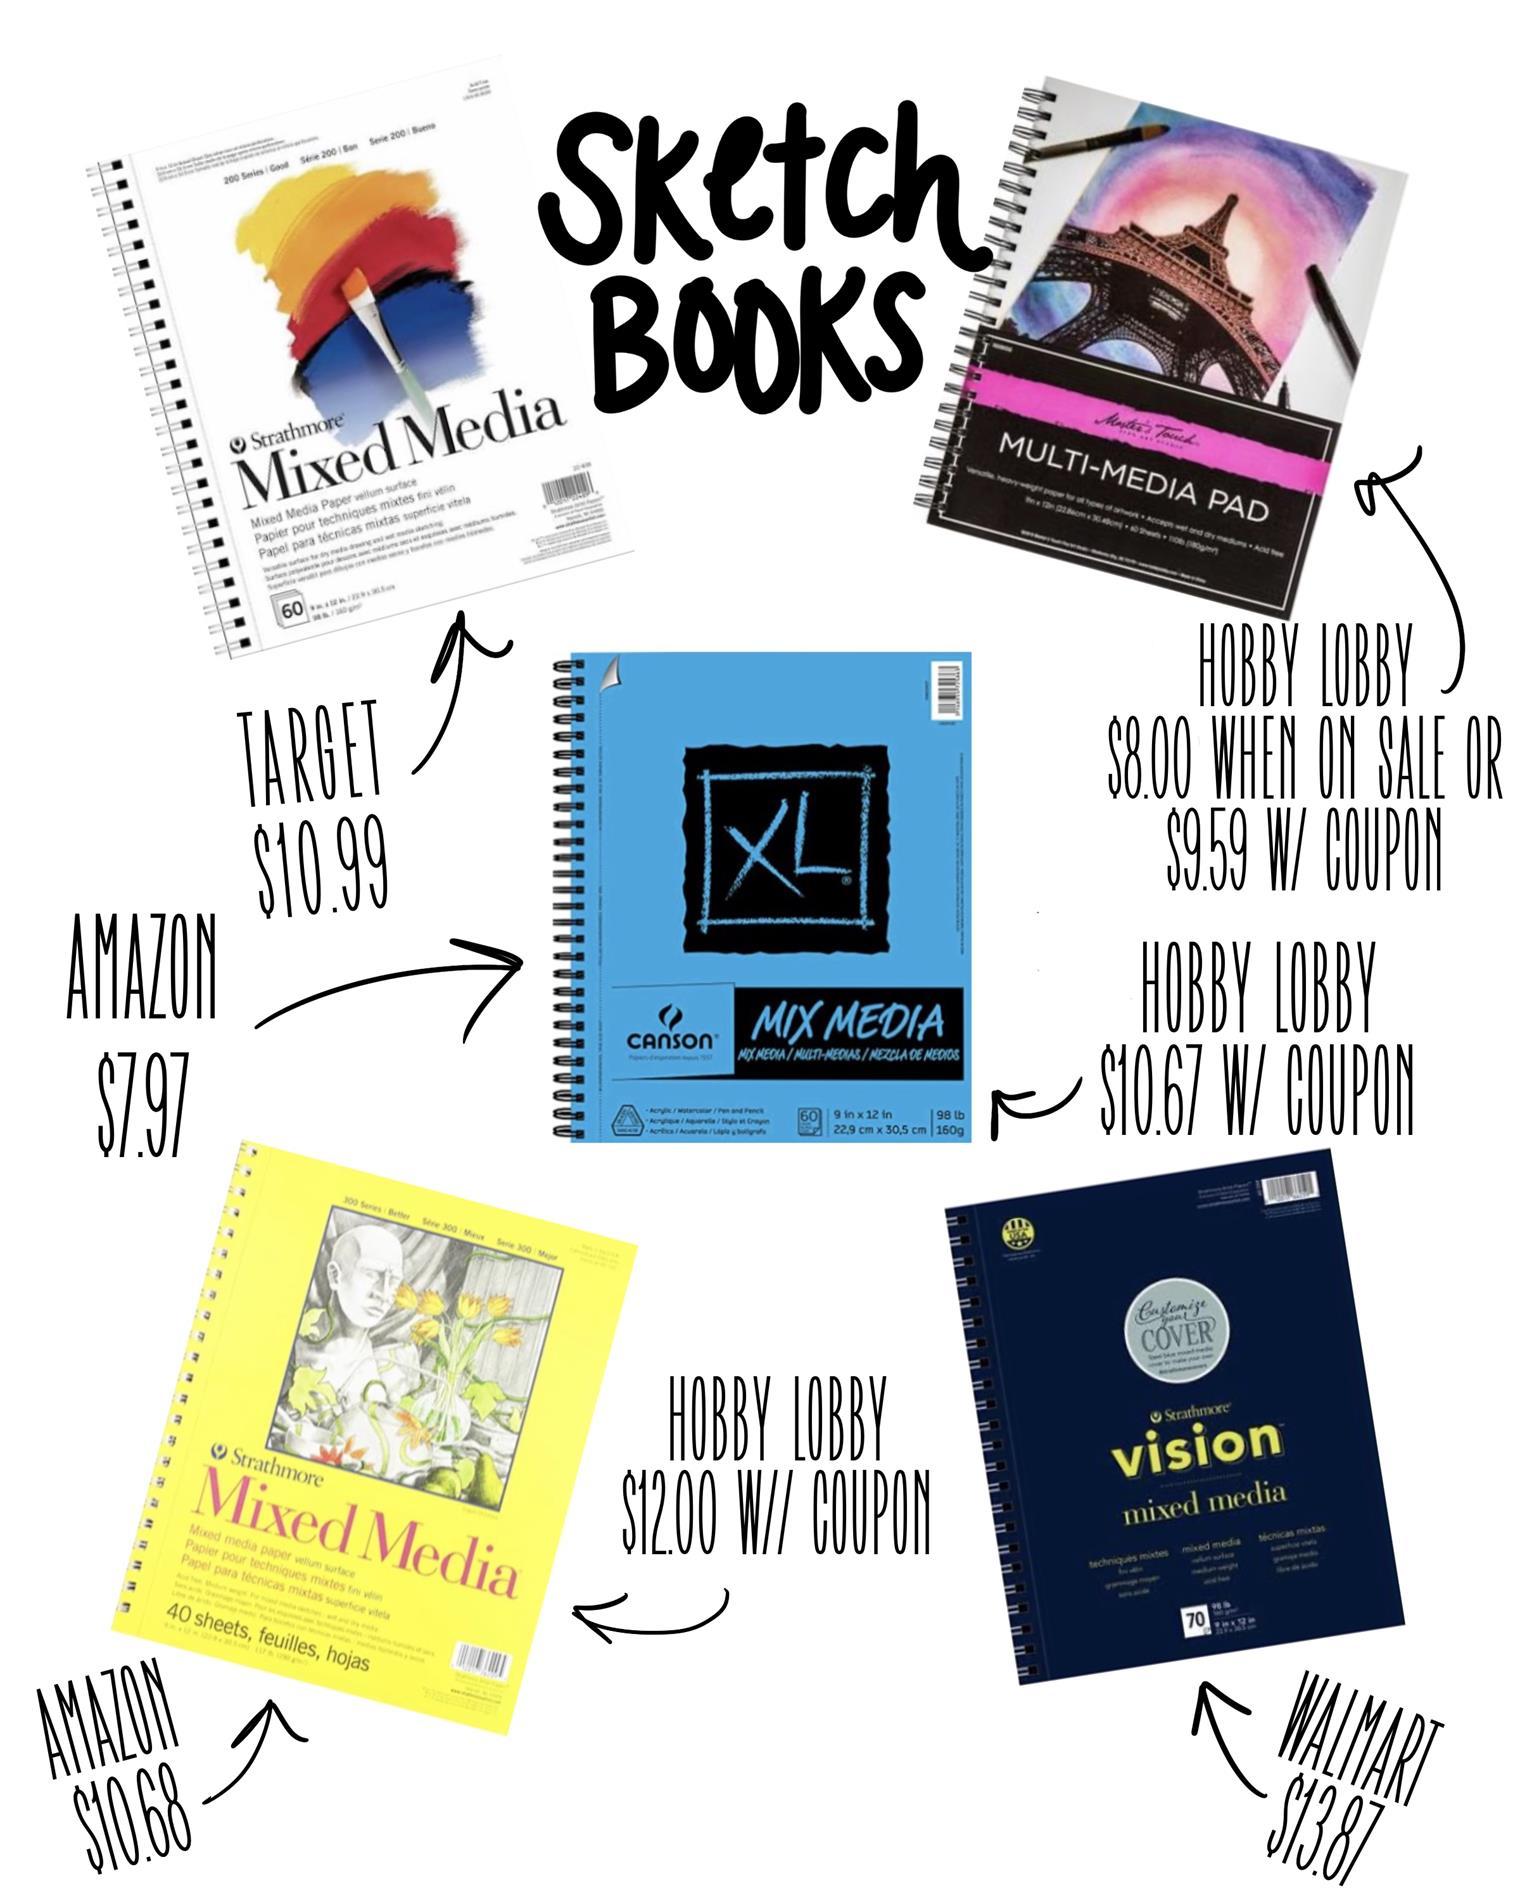 Best sketchbook deals!